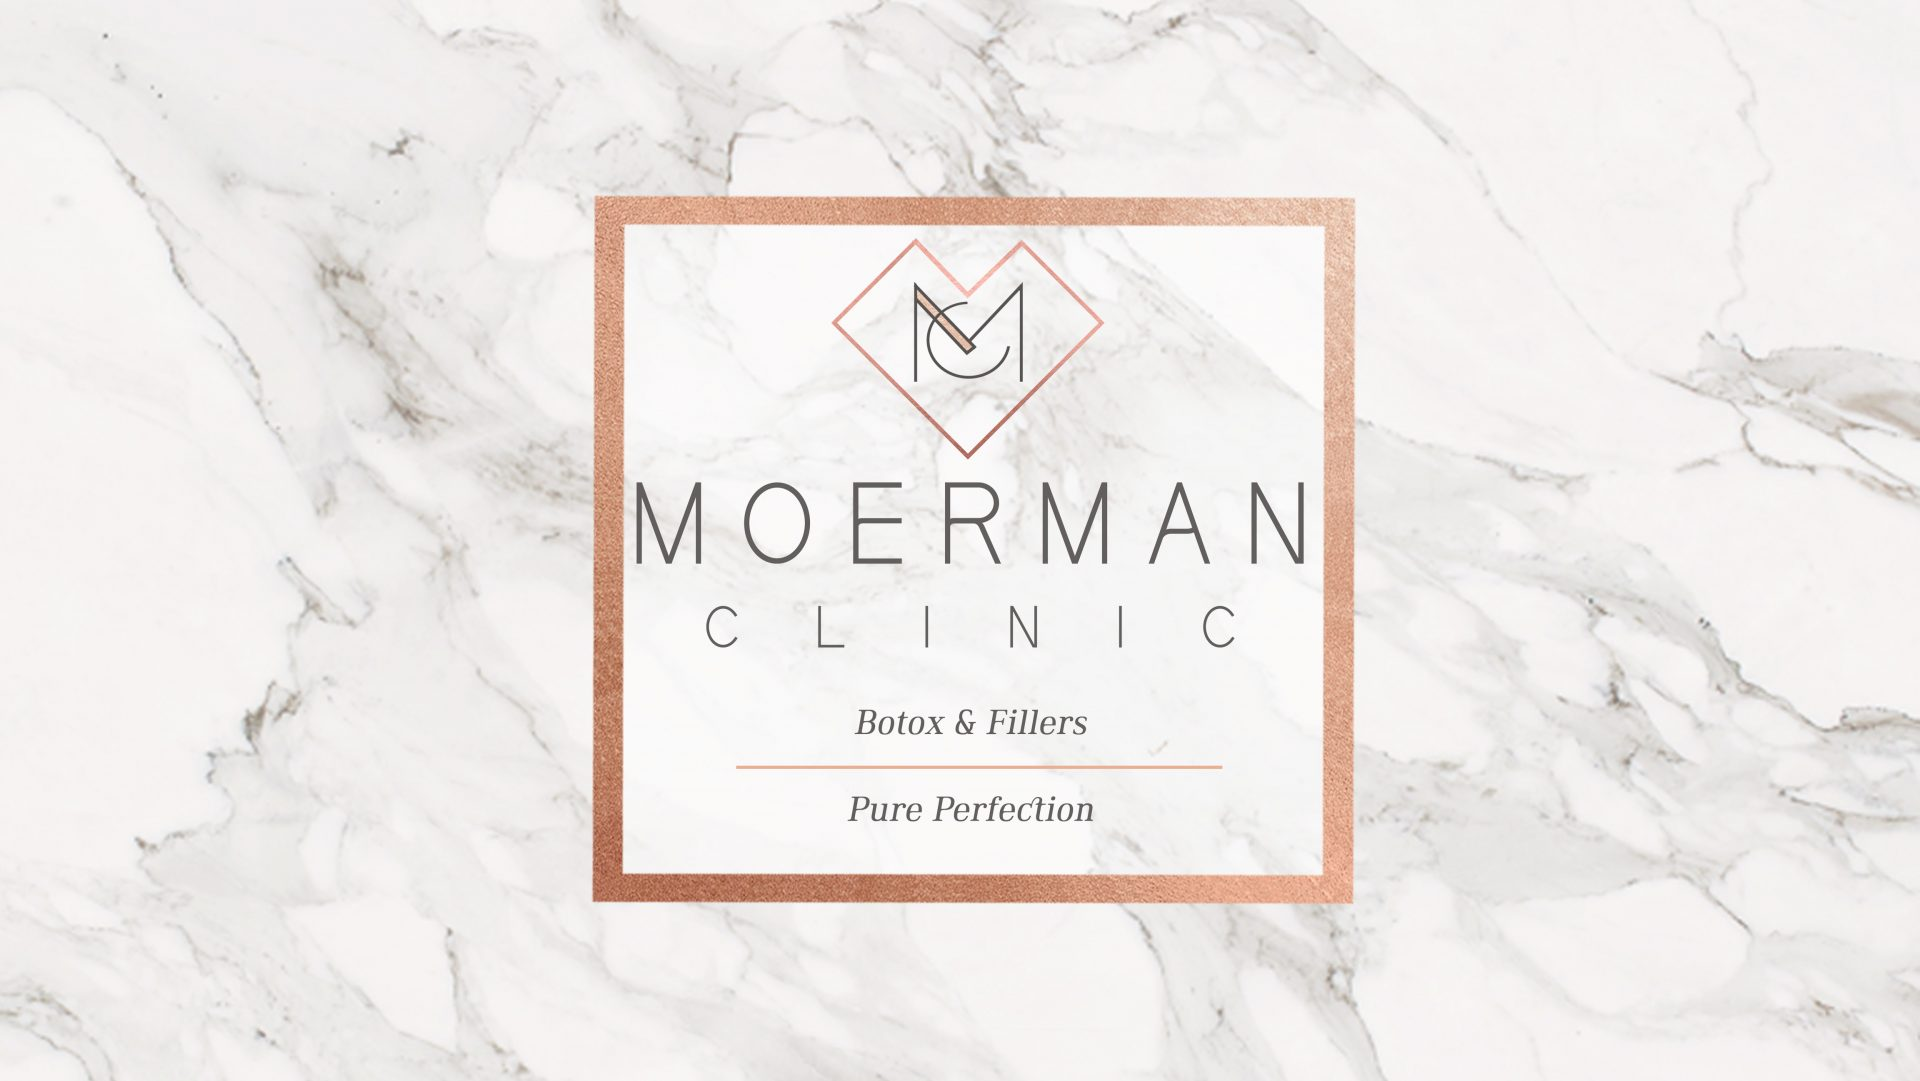 MOERMAN CLINIC